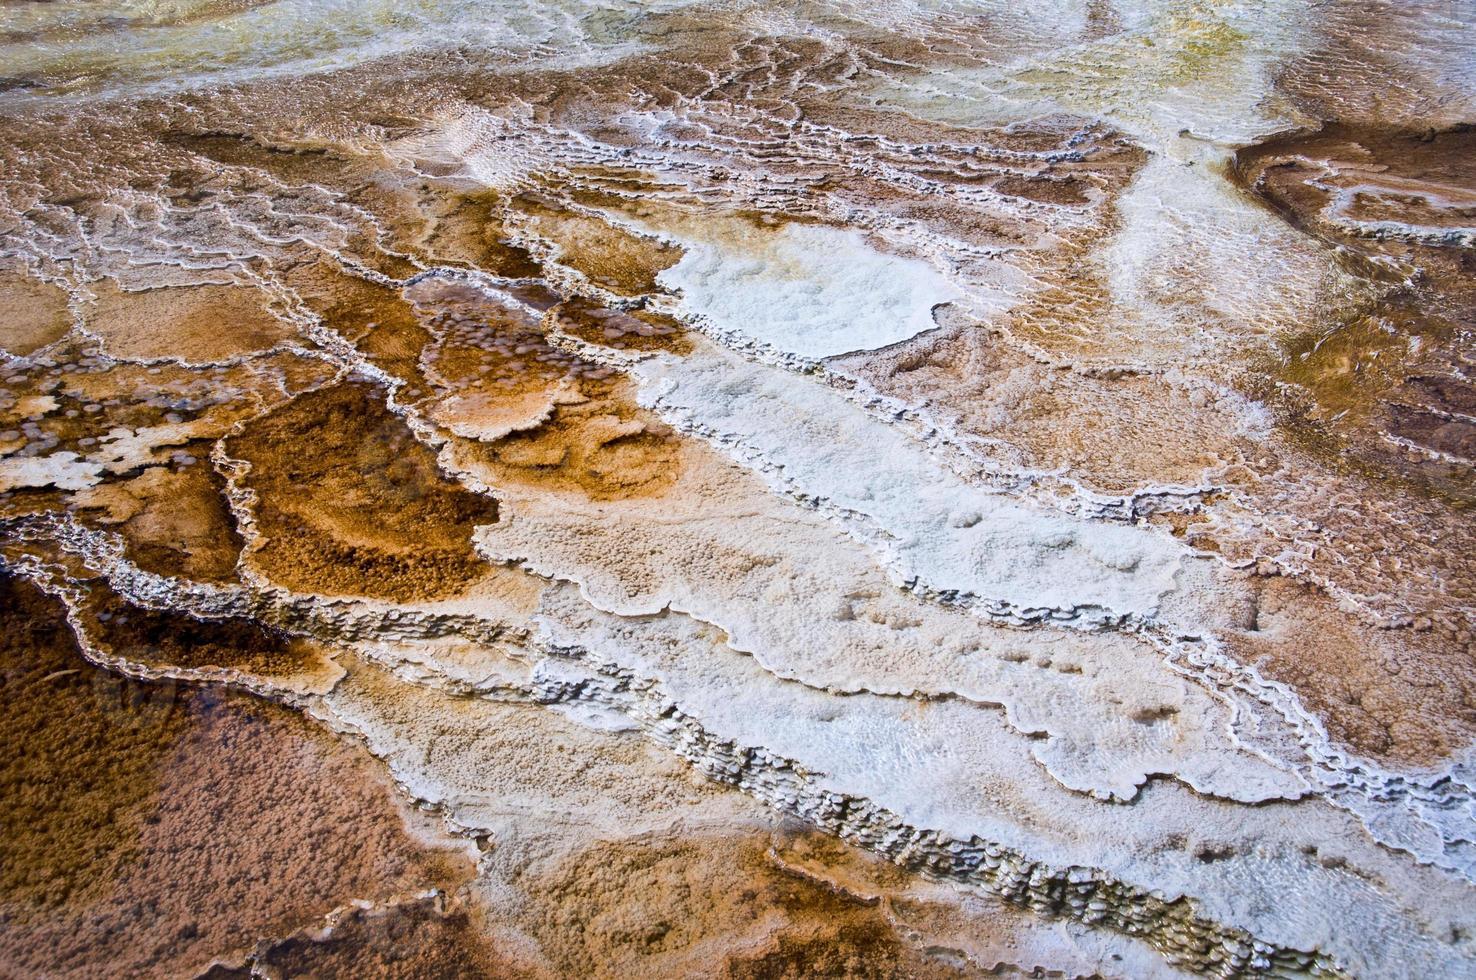 parque nacional de yellowstone resumen de aguas termales foto